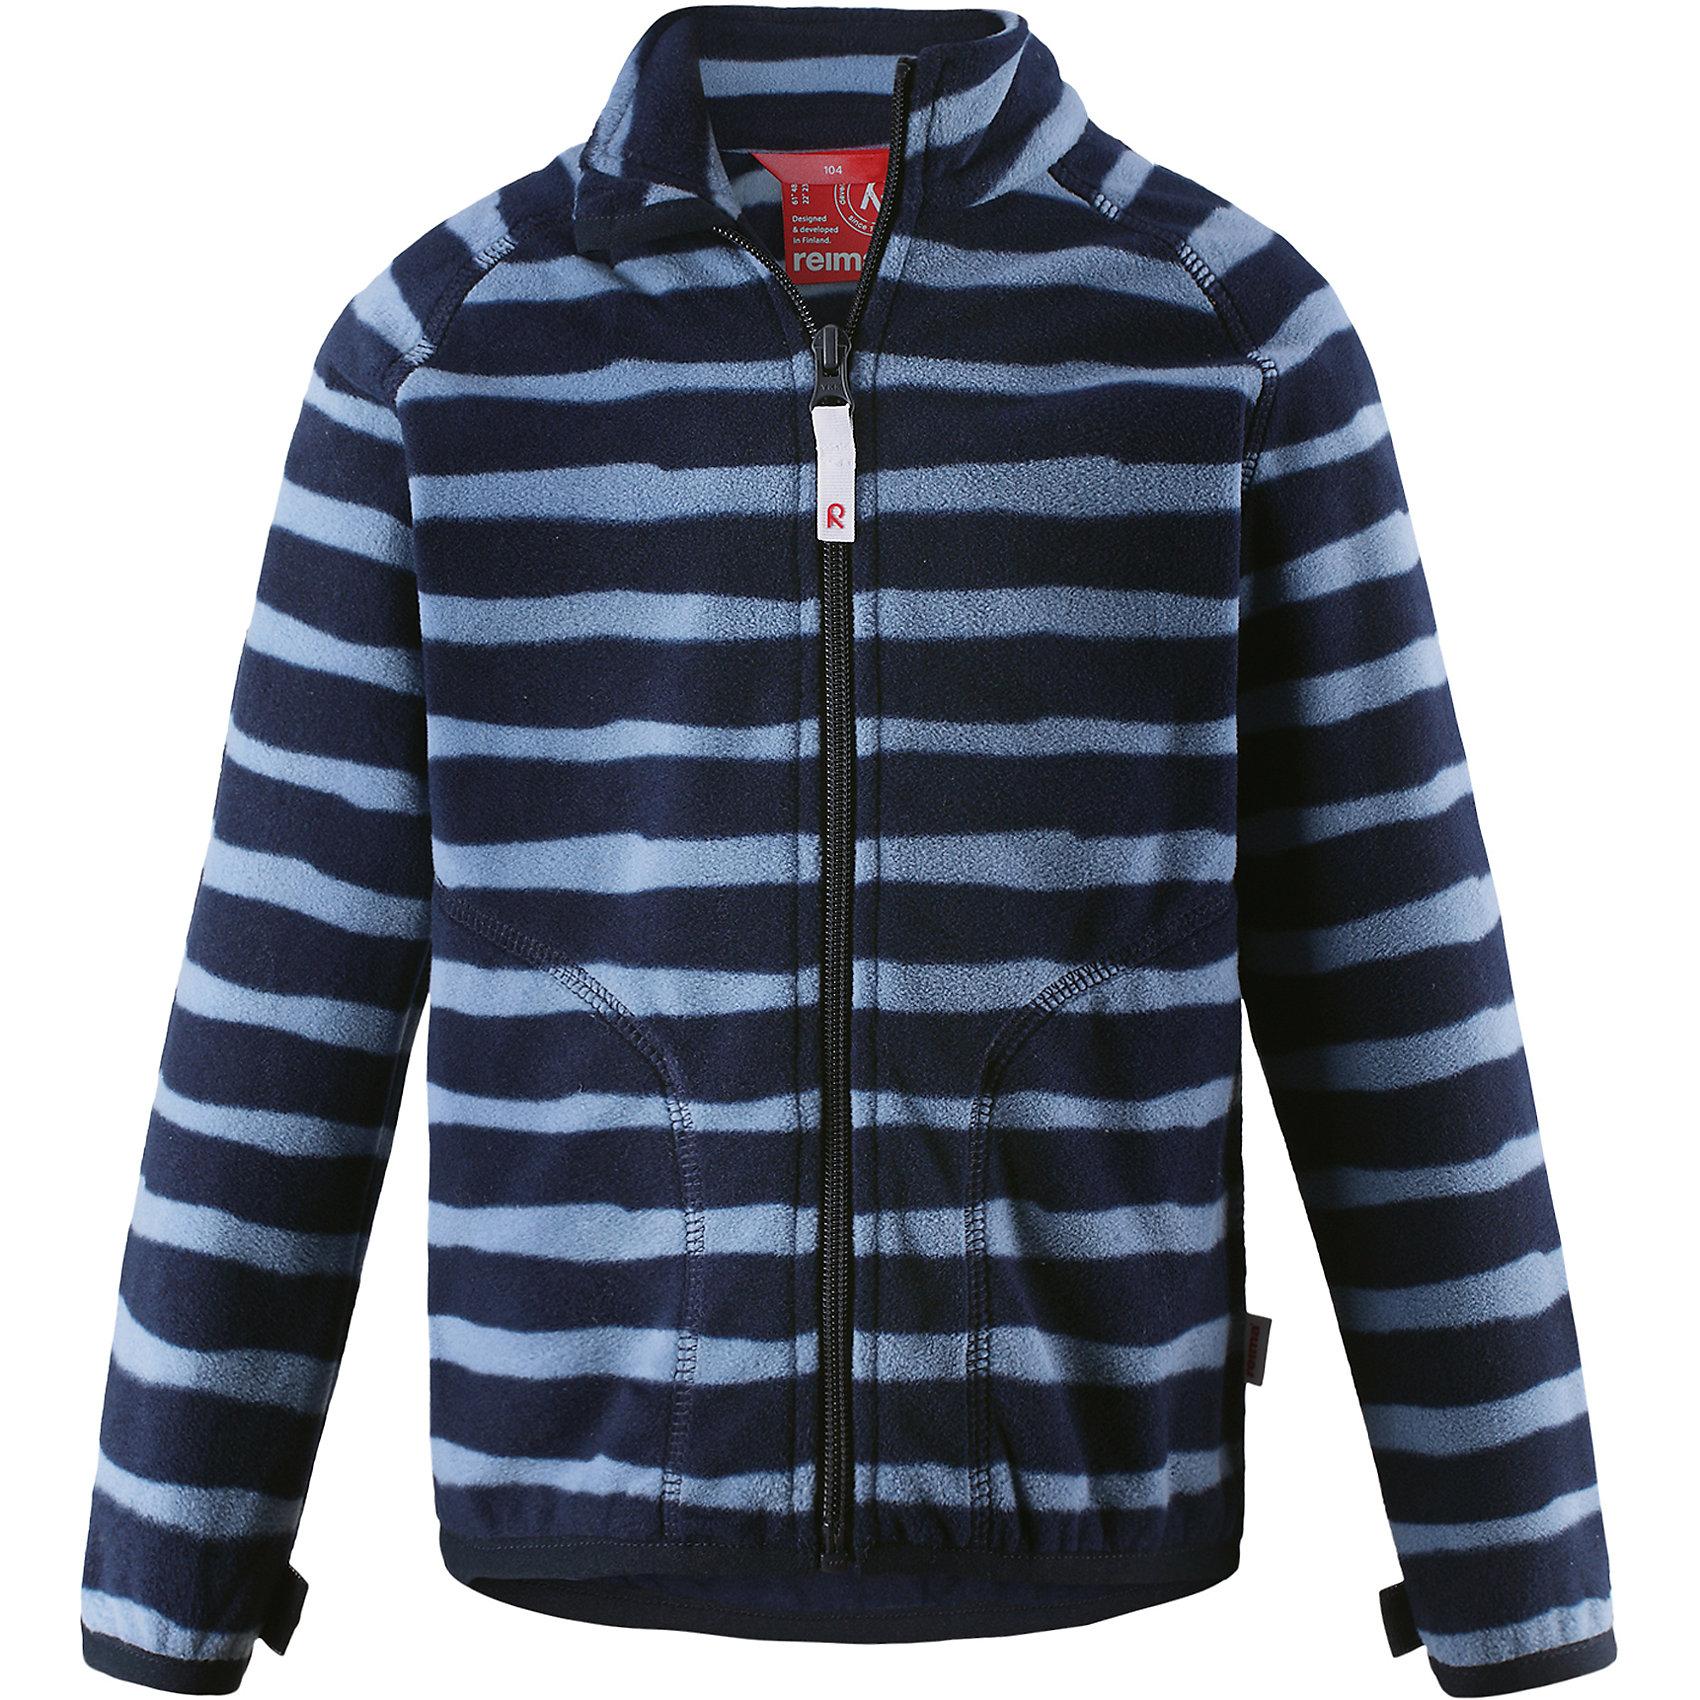 Свитер Steppe ReimaТолстовки<br>Супер удобная детская флисовая куртка превосходно послужит в качестве промежуточного слоя в морозные зимние дни – она теплая и очень мягкая на ощупь. Эта куртка изготовлена из легкого полярного флиса, дышащего и быстросохнущего материала. Молния во всю длину облегчает надевание, а защита для подбородка не дает поцарапать молнией шею и подбородок. Эту практичную флисовую куртку легко можно пристегнуть к любой верхней одежде Reima®, оснащенной системой кнопок Play Layers®. Два боковых кармана и украшение в виде яркого рисунка.<br>Состав:<br>100% Полиэстер<br><br>Ширина мм: 190<br>Глубина мм: 74<br>Высота мм: 229<br>Вес г: 236<br>Цвет: синий<br>Возраст от месяцев: 108<br>Возраст до месяцев: 120<br>Пол: Унисекс<br>Возраст: Детский<br>Размер: 140,92,98,104,110,116,122,128,134<br>SKU: 6901969